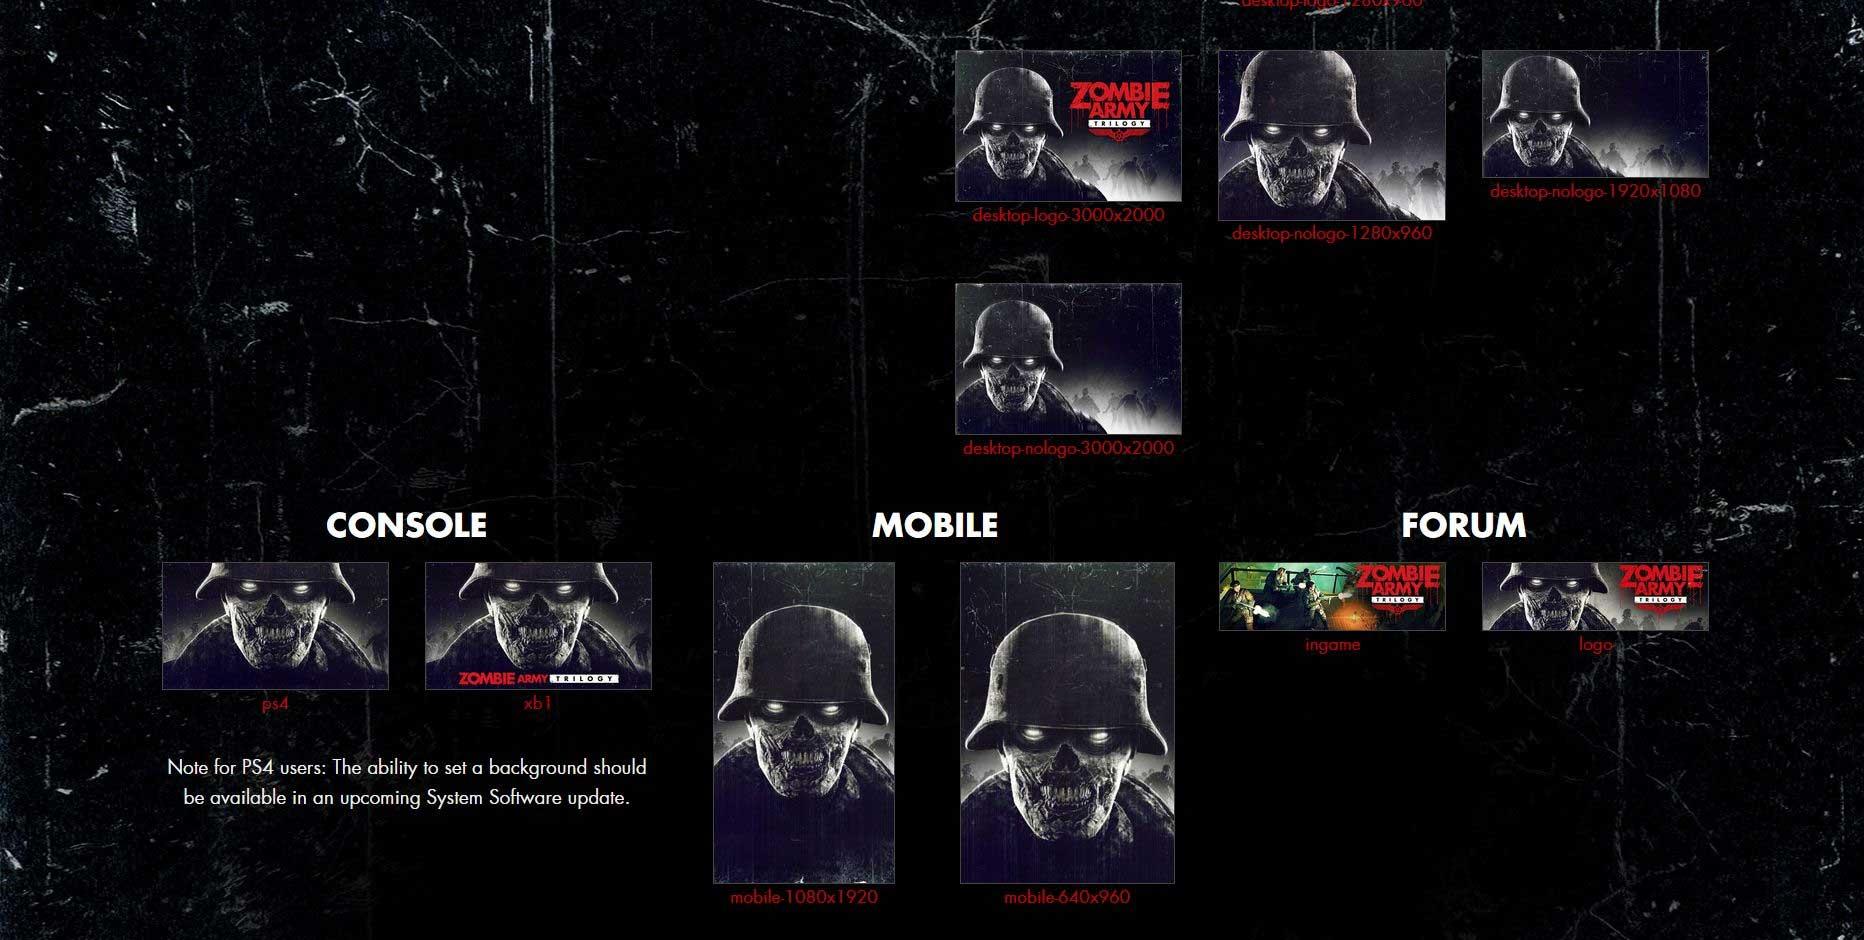 Zombie-Army-Trilogy